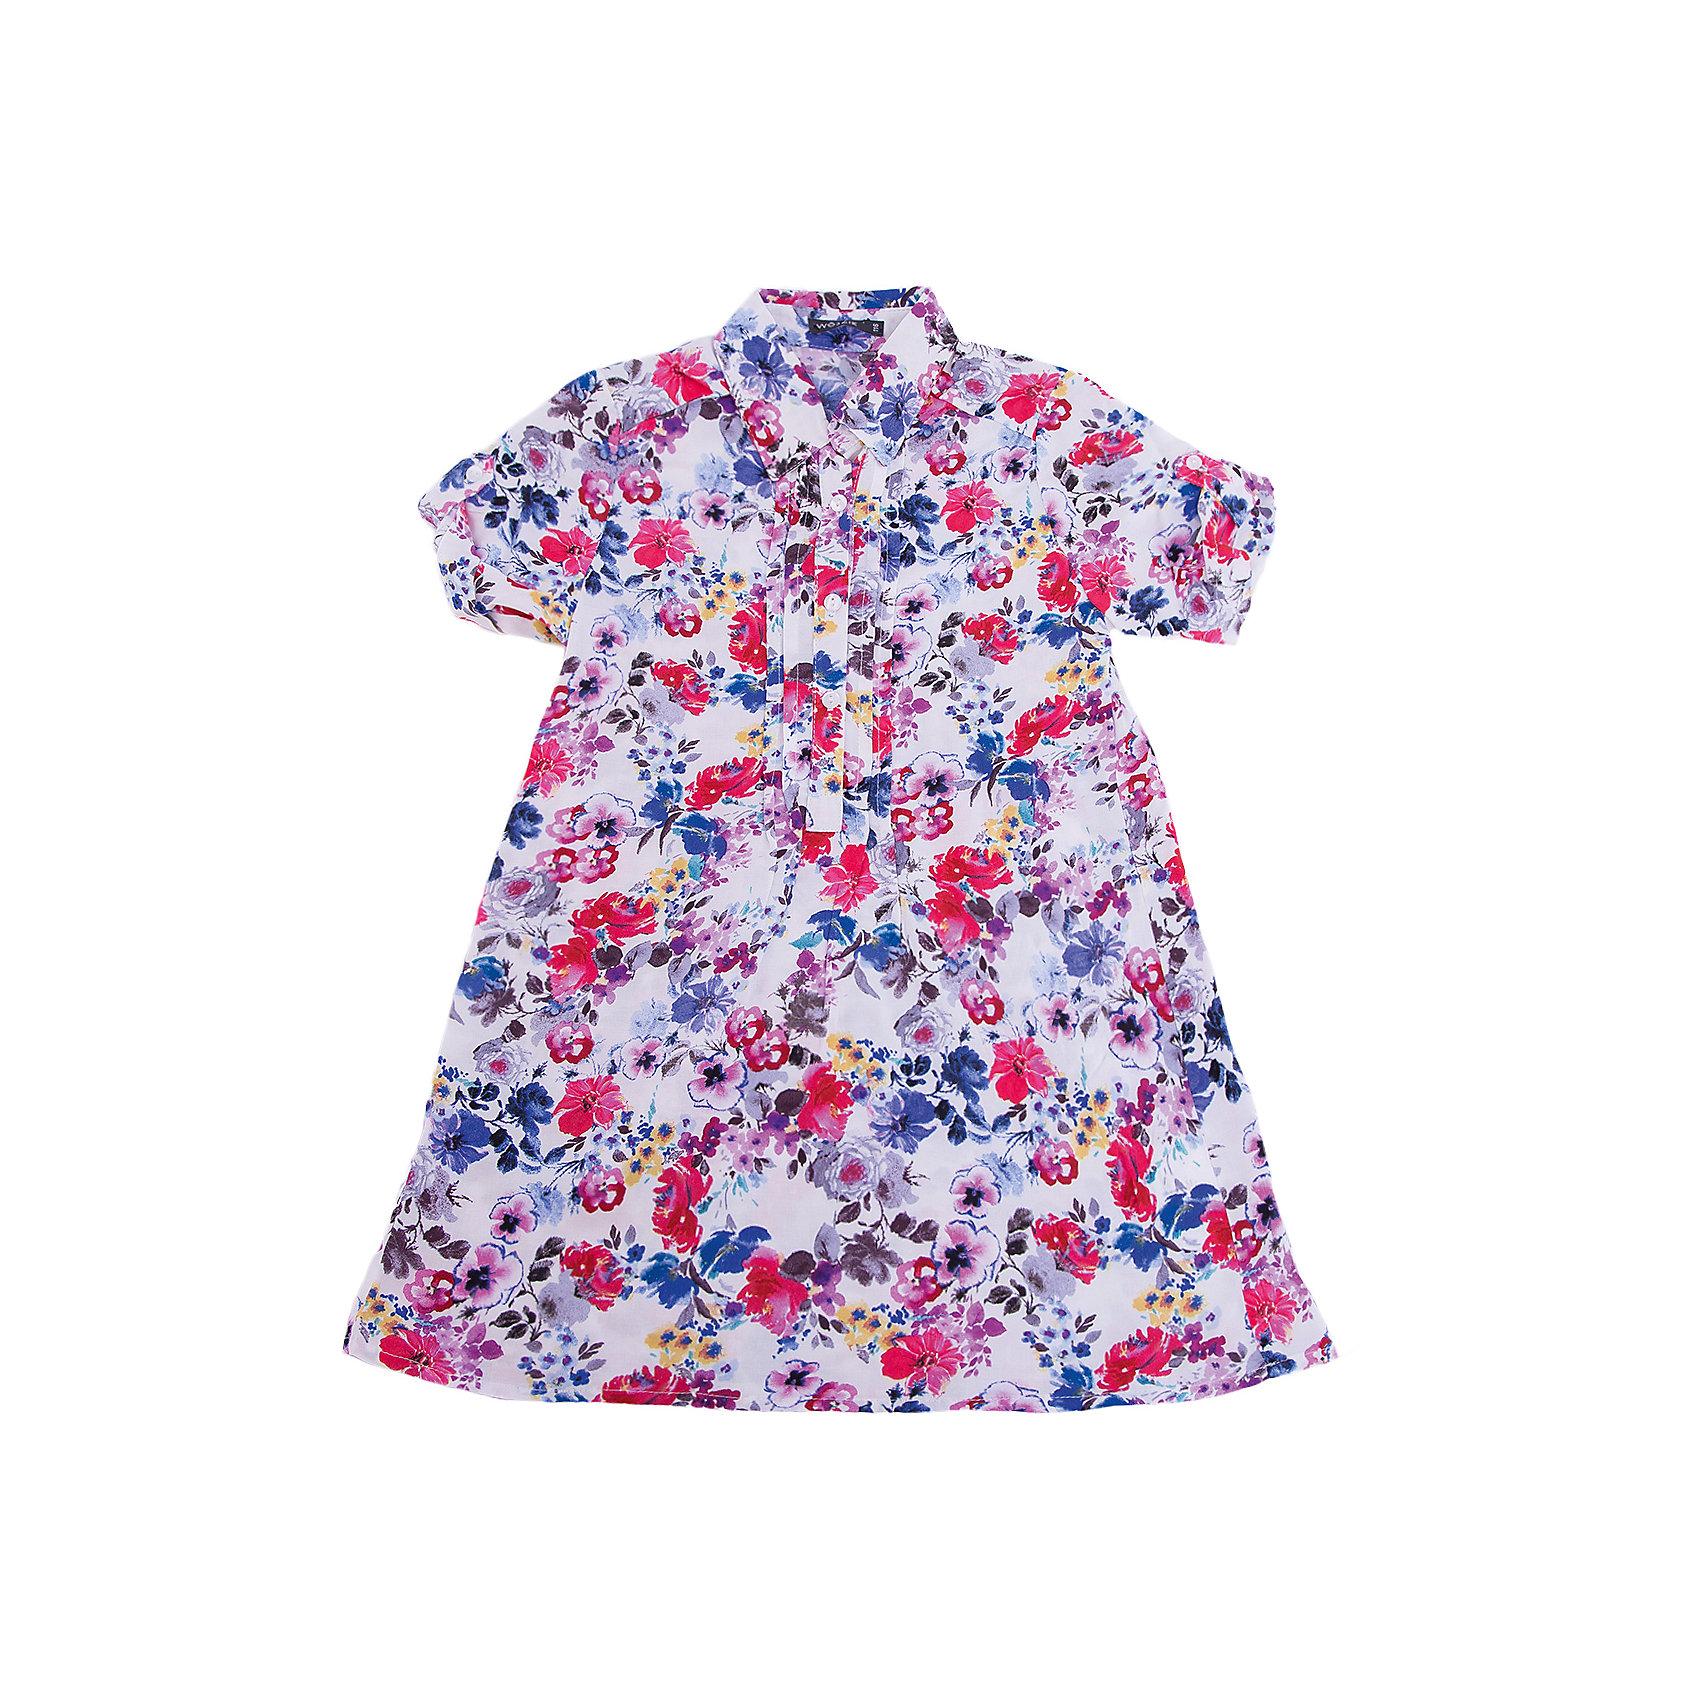 Рубашка для девочки WojcikБлузки и рубашки<br>Характеристики товара:<br><br>• цвет: мульти<br>• состав ткани: вискоза<br>• короткие рукава<br>• застежка: пуговицы<br>• сезон: лето<br>• страна бренда: Польша<br>• страна изготовитель: Польша<br><br>Польская одежда для детей от бренда Войчик - это качественные и стильные вещи. Рубашка для девочки для девочки Войчик отличаются модным кроем и универсальным цветом. <br><br>Легкая детская рубашка сделана из качественного материала. Рубашка для девочки Wojcik - удобная и модная одежда для теплого времени года. <br><br>Рубашку для девочки Wojcik (Войчик) можно купить в нашем интернет-магазине.<br><br>Ширина мм: 174<br>Глубина мм: 10<br>Высота мм: 169<br>Вес г: 157<br>Цвет: белый<br>Возраст от месяцев: 84<br>Возраст до месяцев: 96<br>Пол: Женский<br>Возраст: Детский<br>Размер: 128,104,110,116,122<br>SKU: 5589955